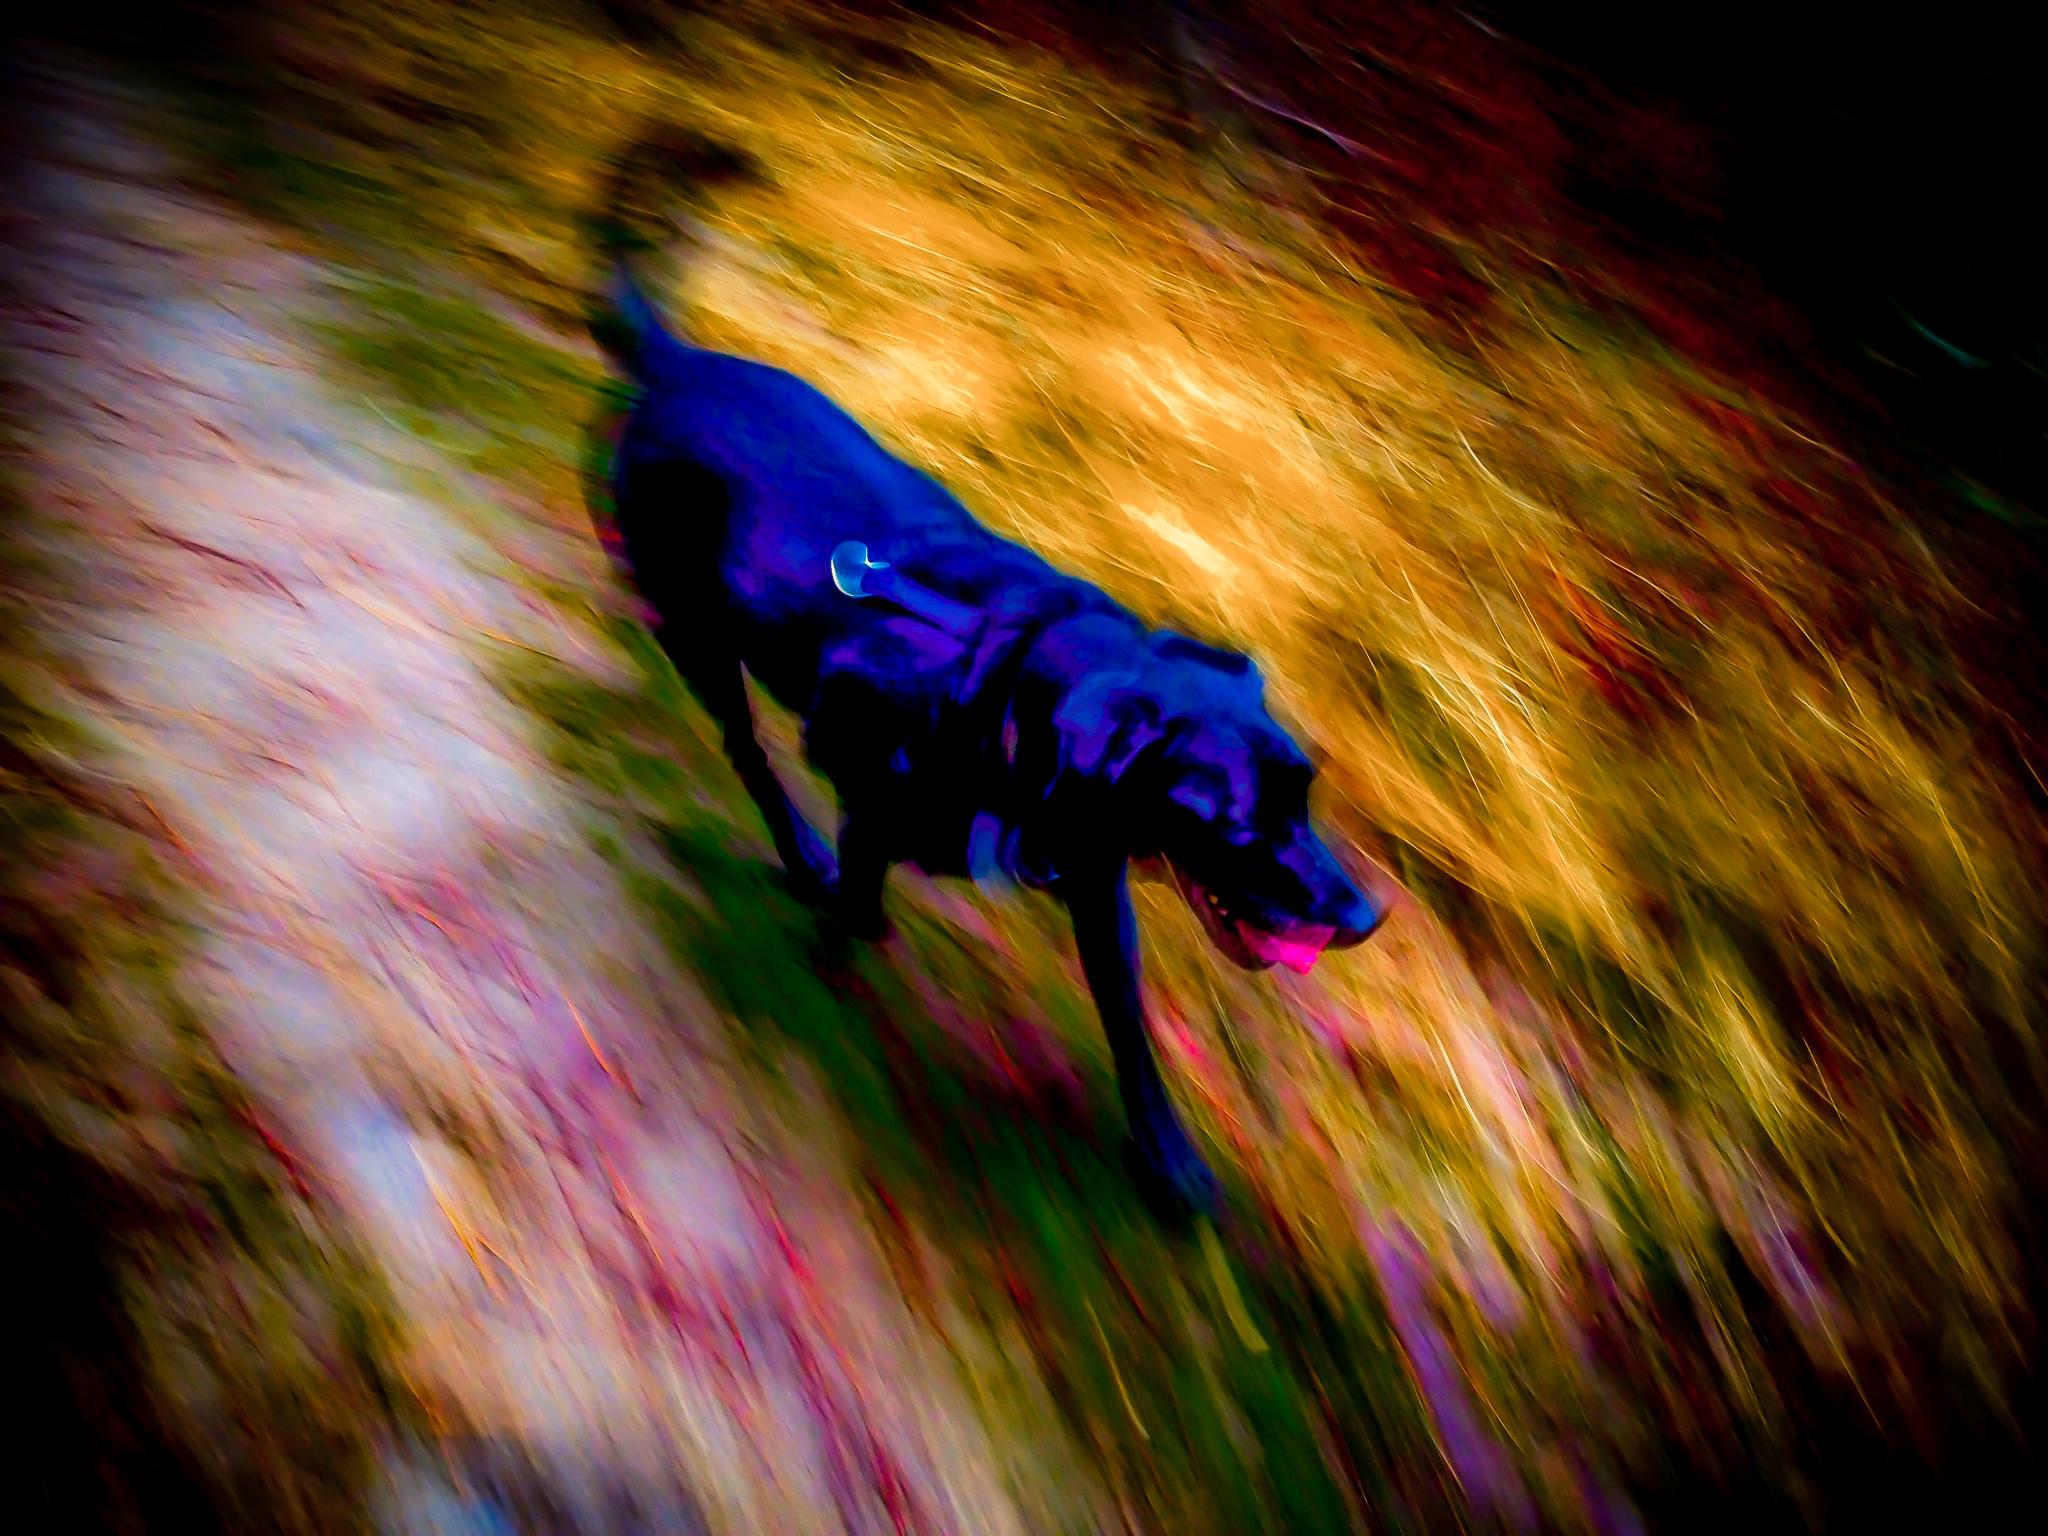 Lobo runs down the trail